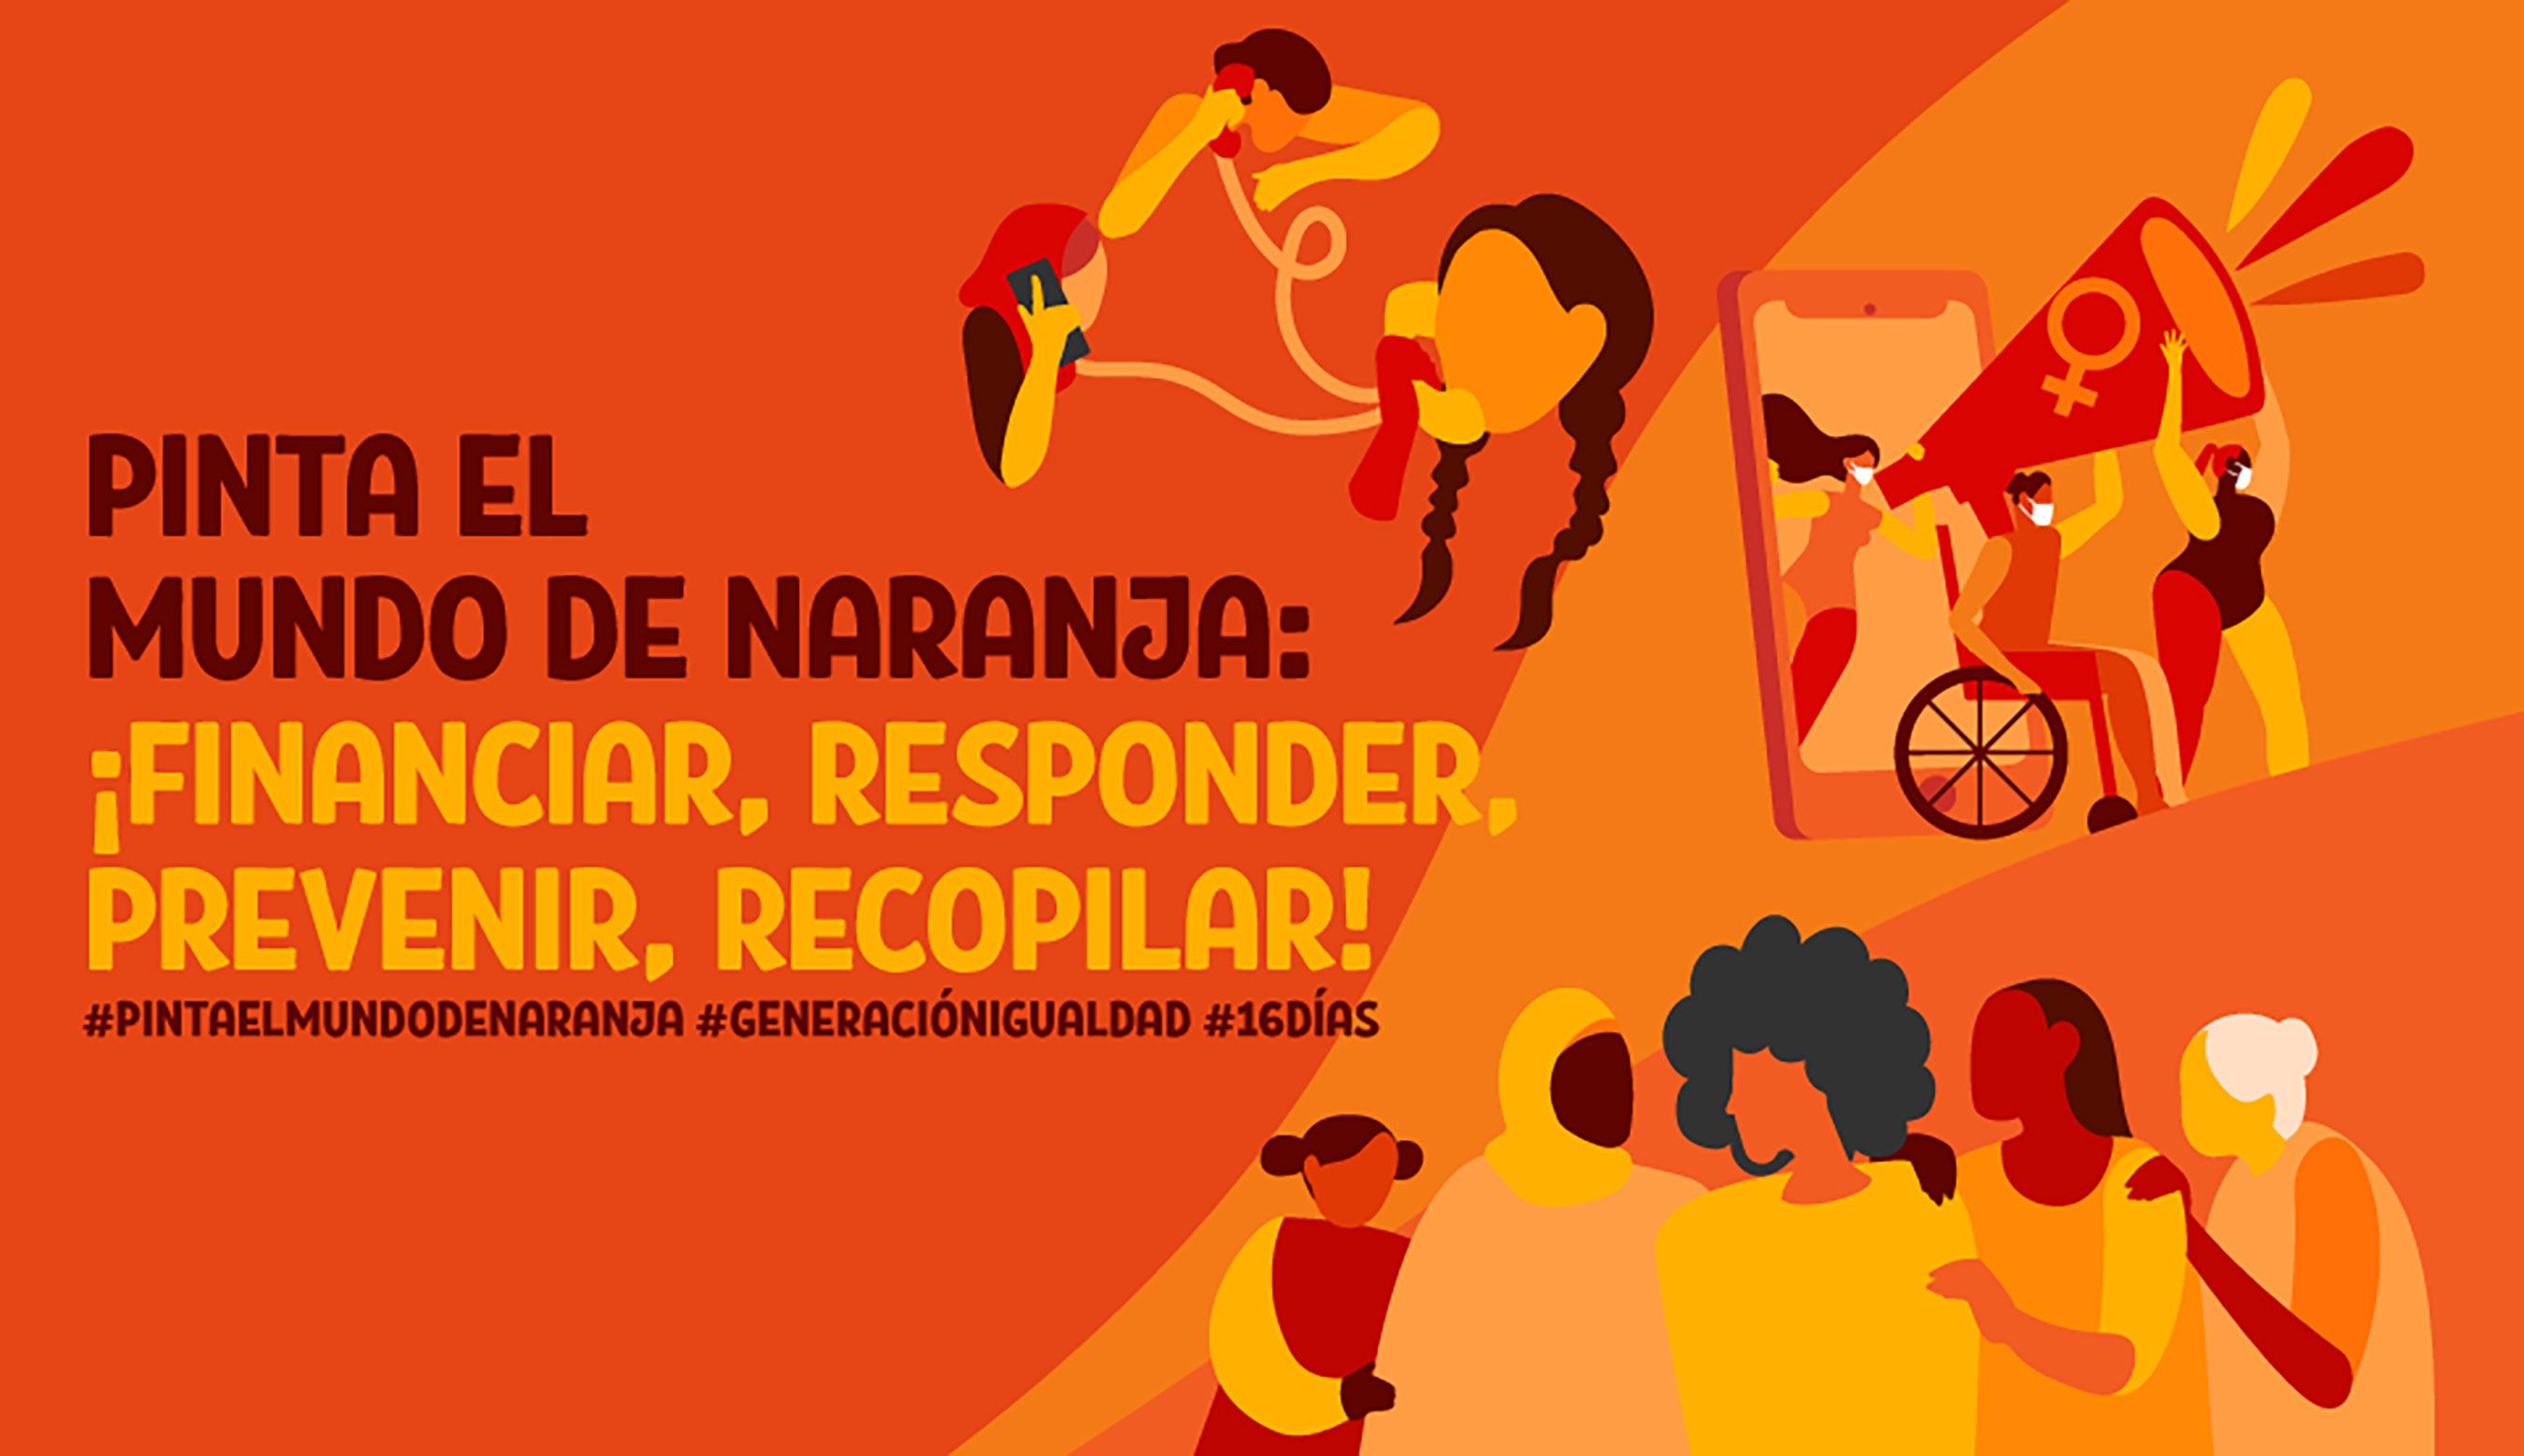 Día Internacional Para La Eliminación De La Violencia Contra La Mujer Centro Nacional De Prevención De Desastres Gobierno Gob Mx